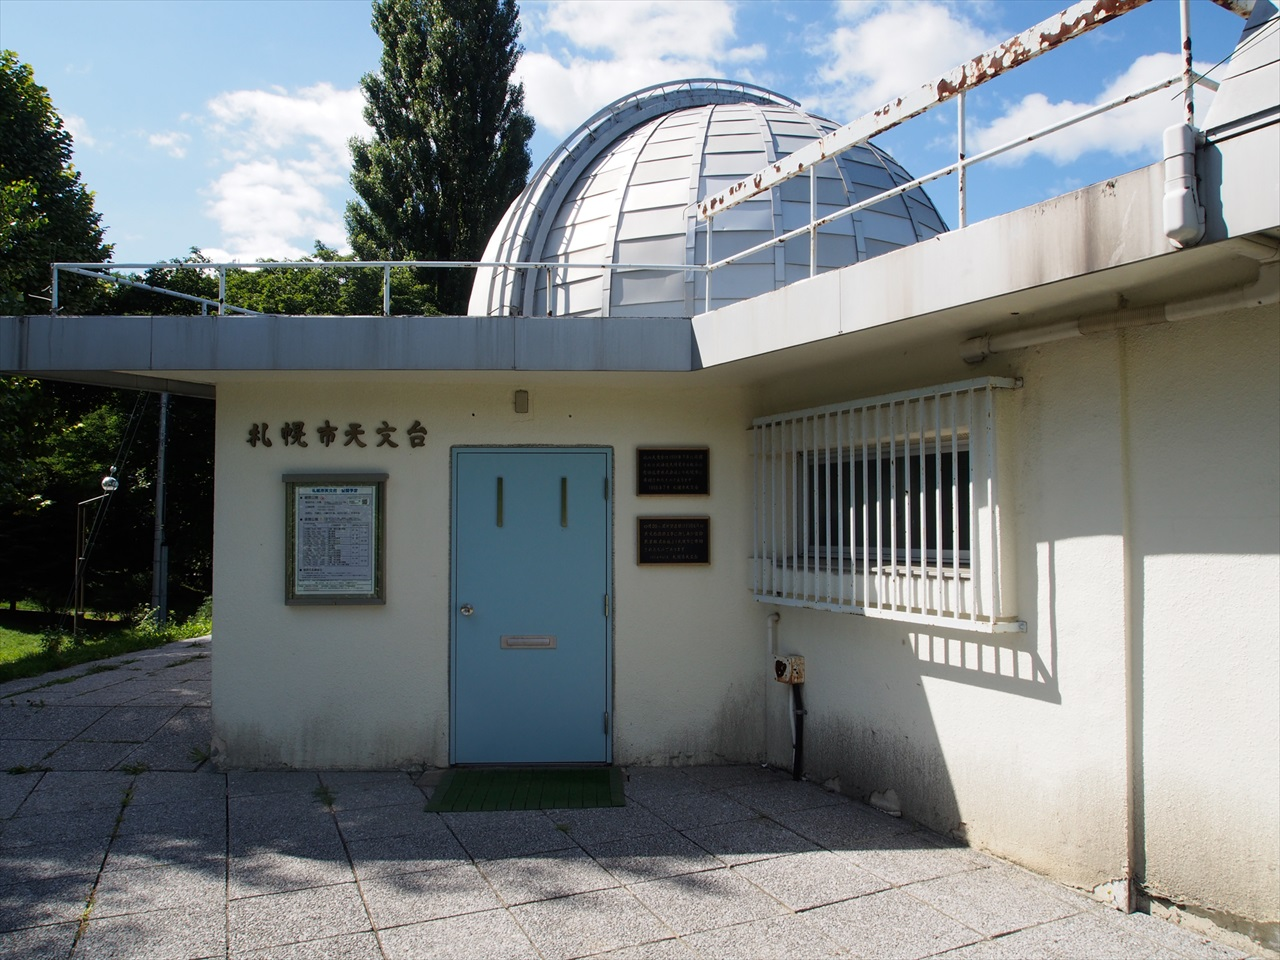 札幌市天文台その2